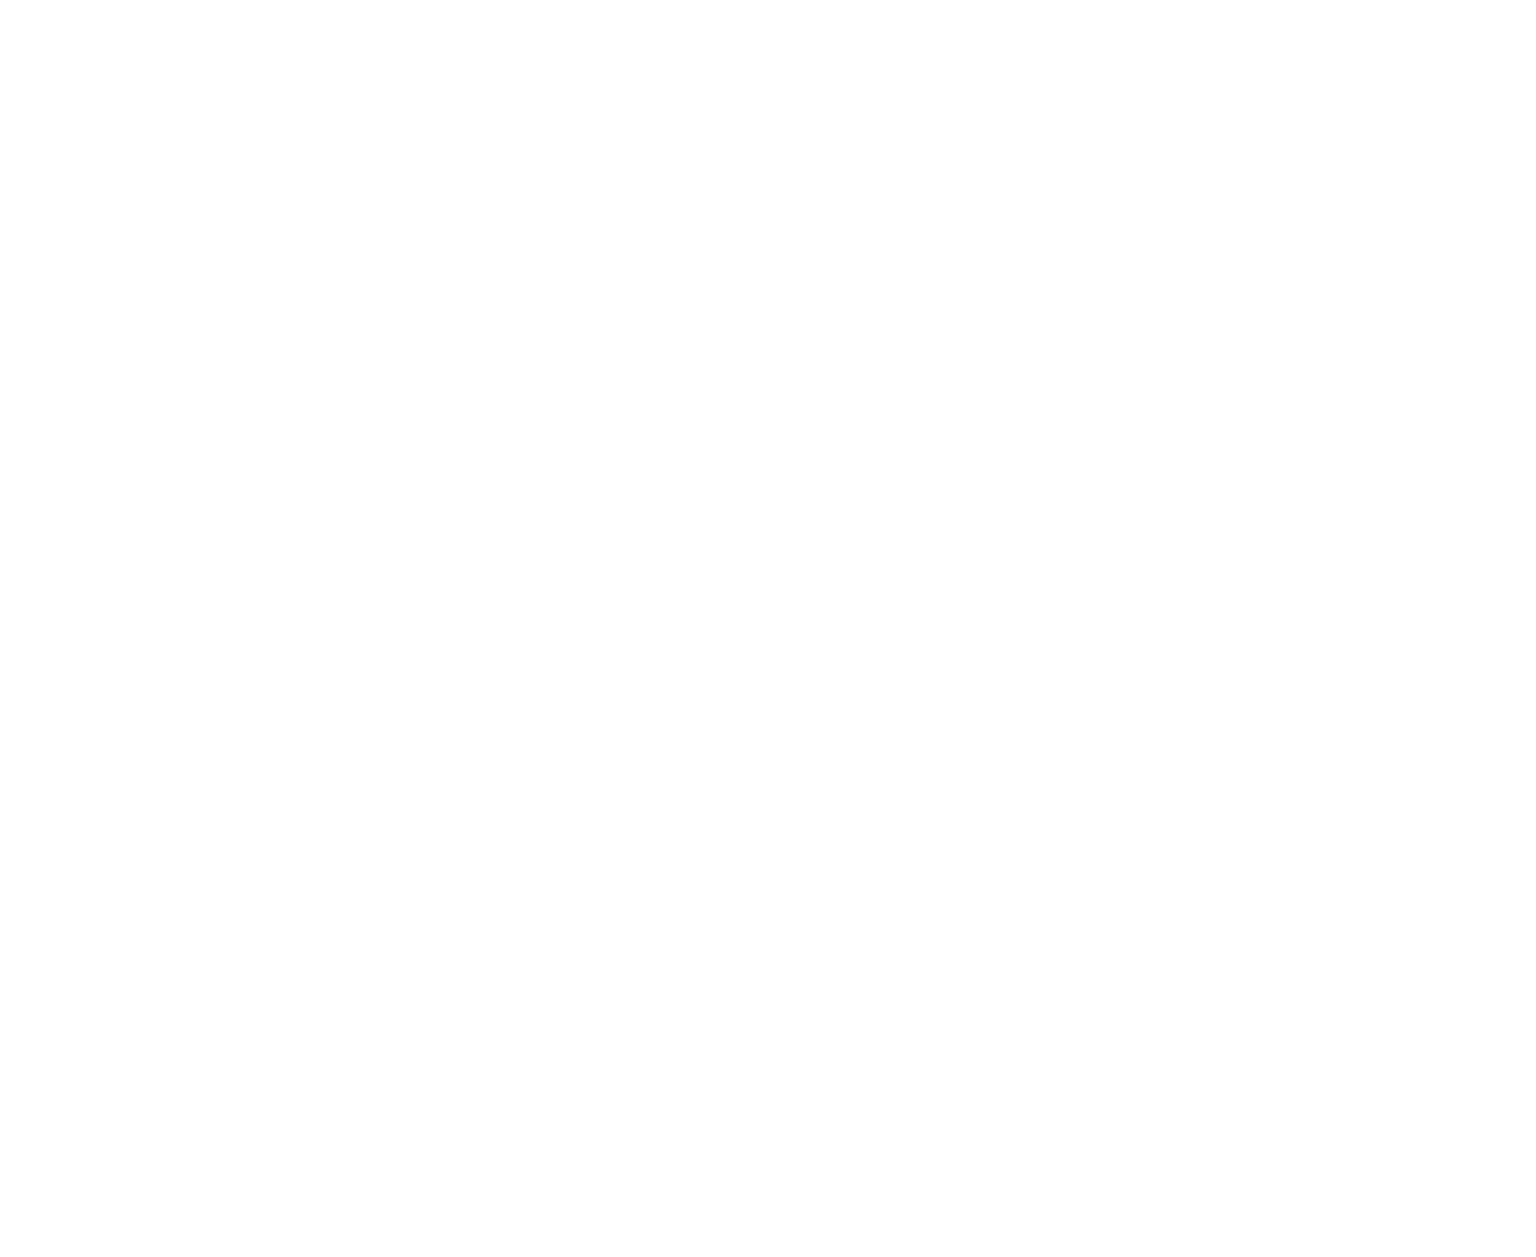 ADDY Award 2015 Icon